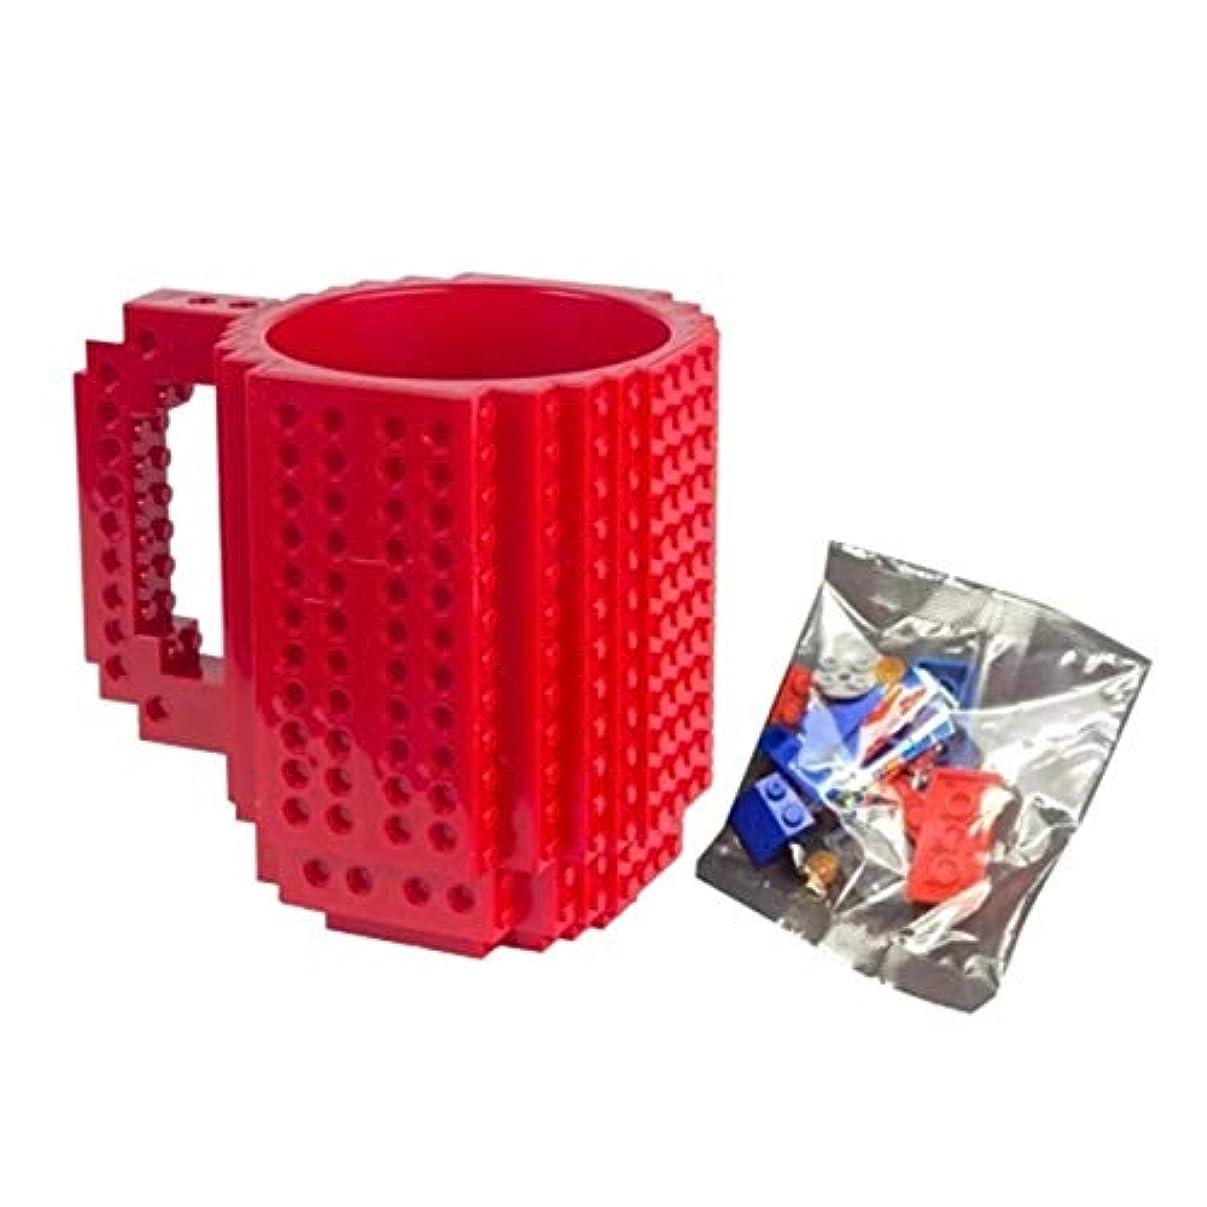 Saikogoods レンガマグカップDIY?ビルディング?ブロックのコーヒーカップを構築 赤